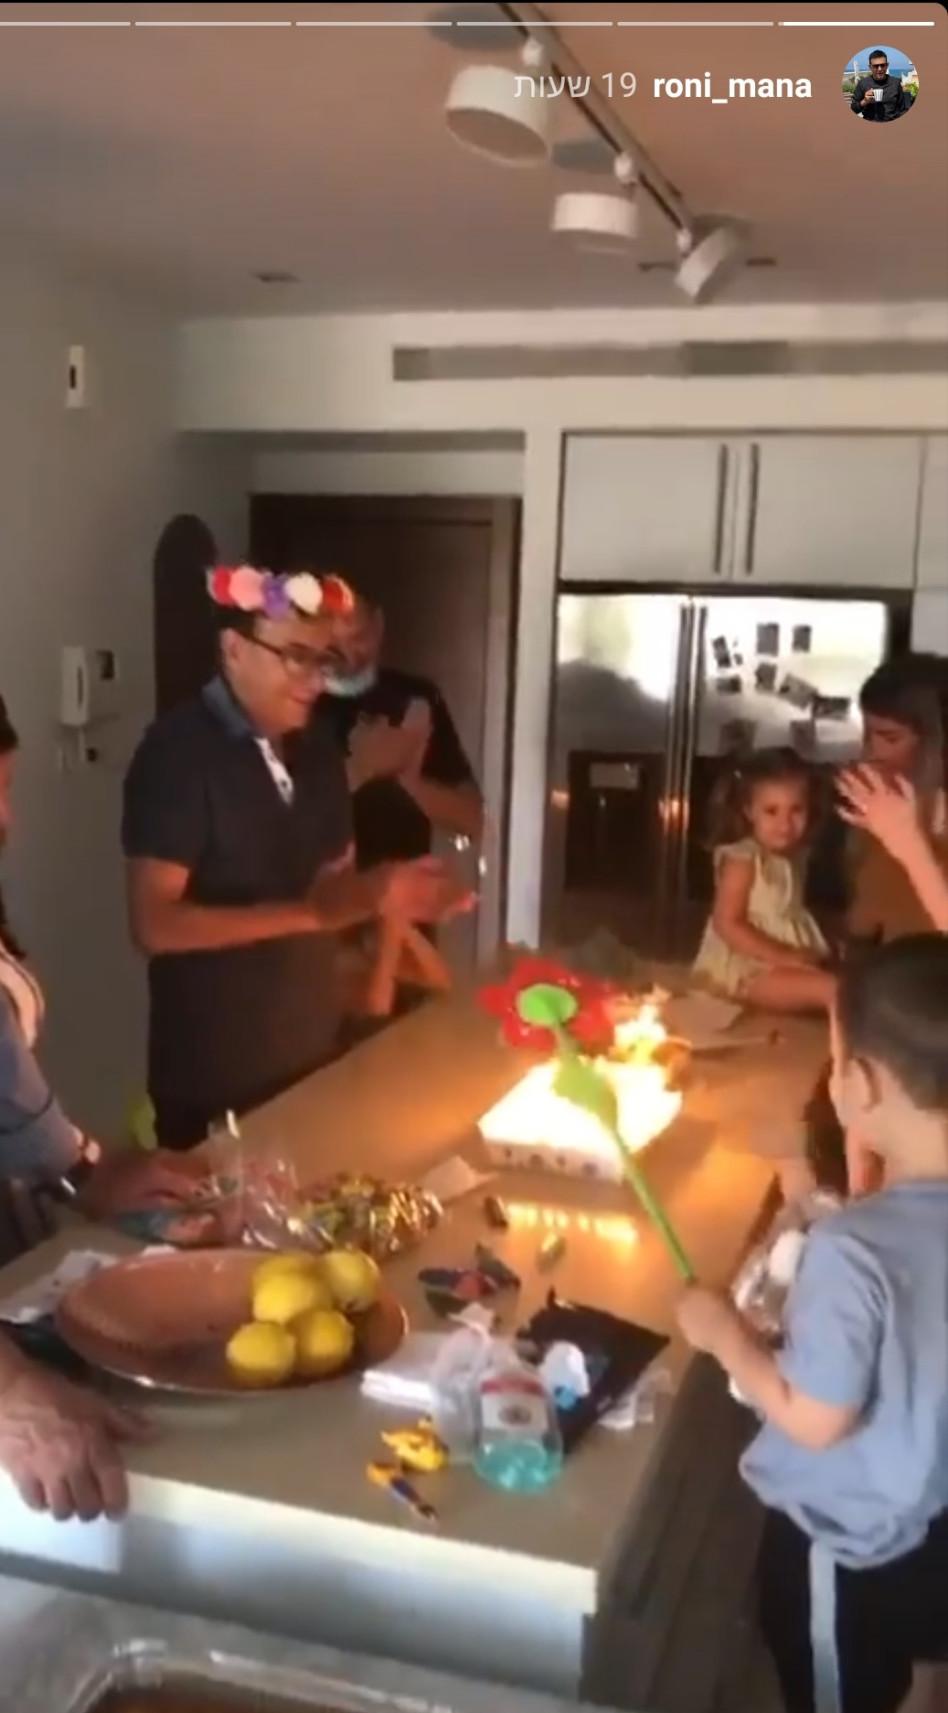 רוני מאנה חוגג יום הולדת (צילום: צילום מסך אינסטגרם)